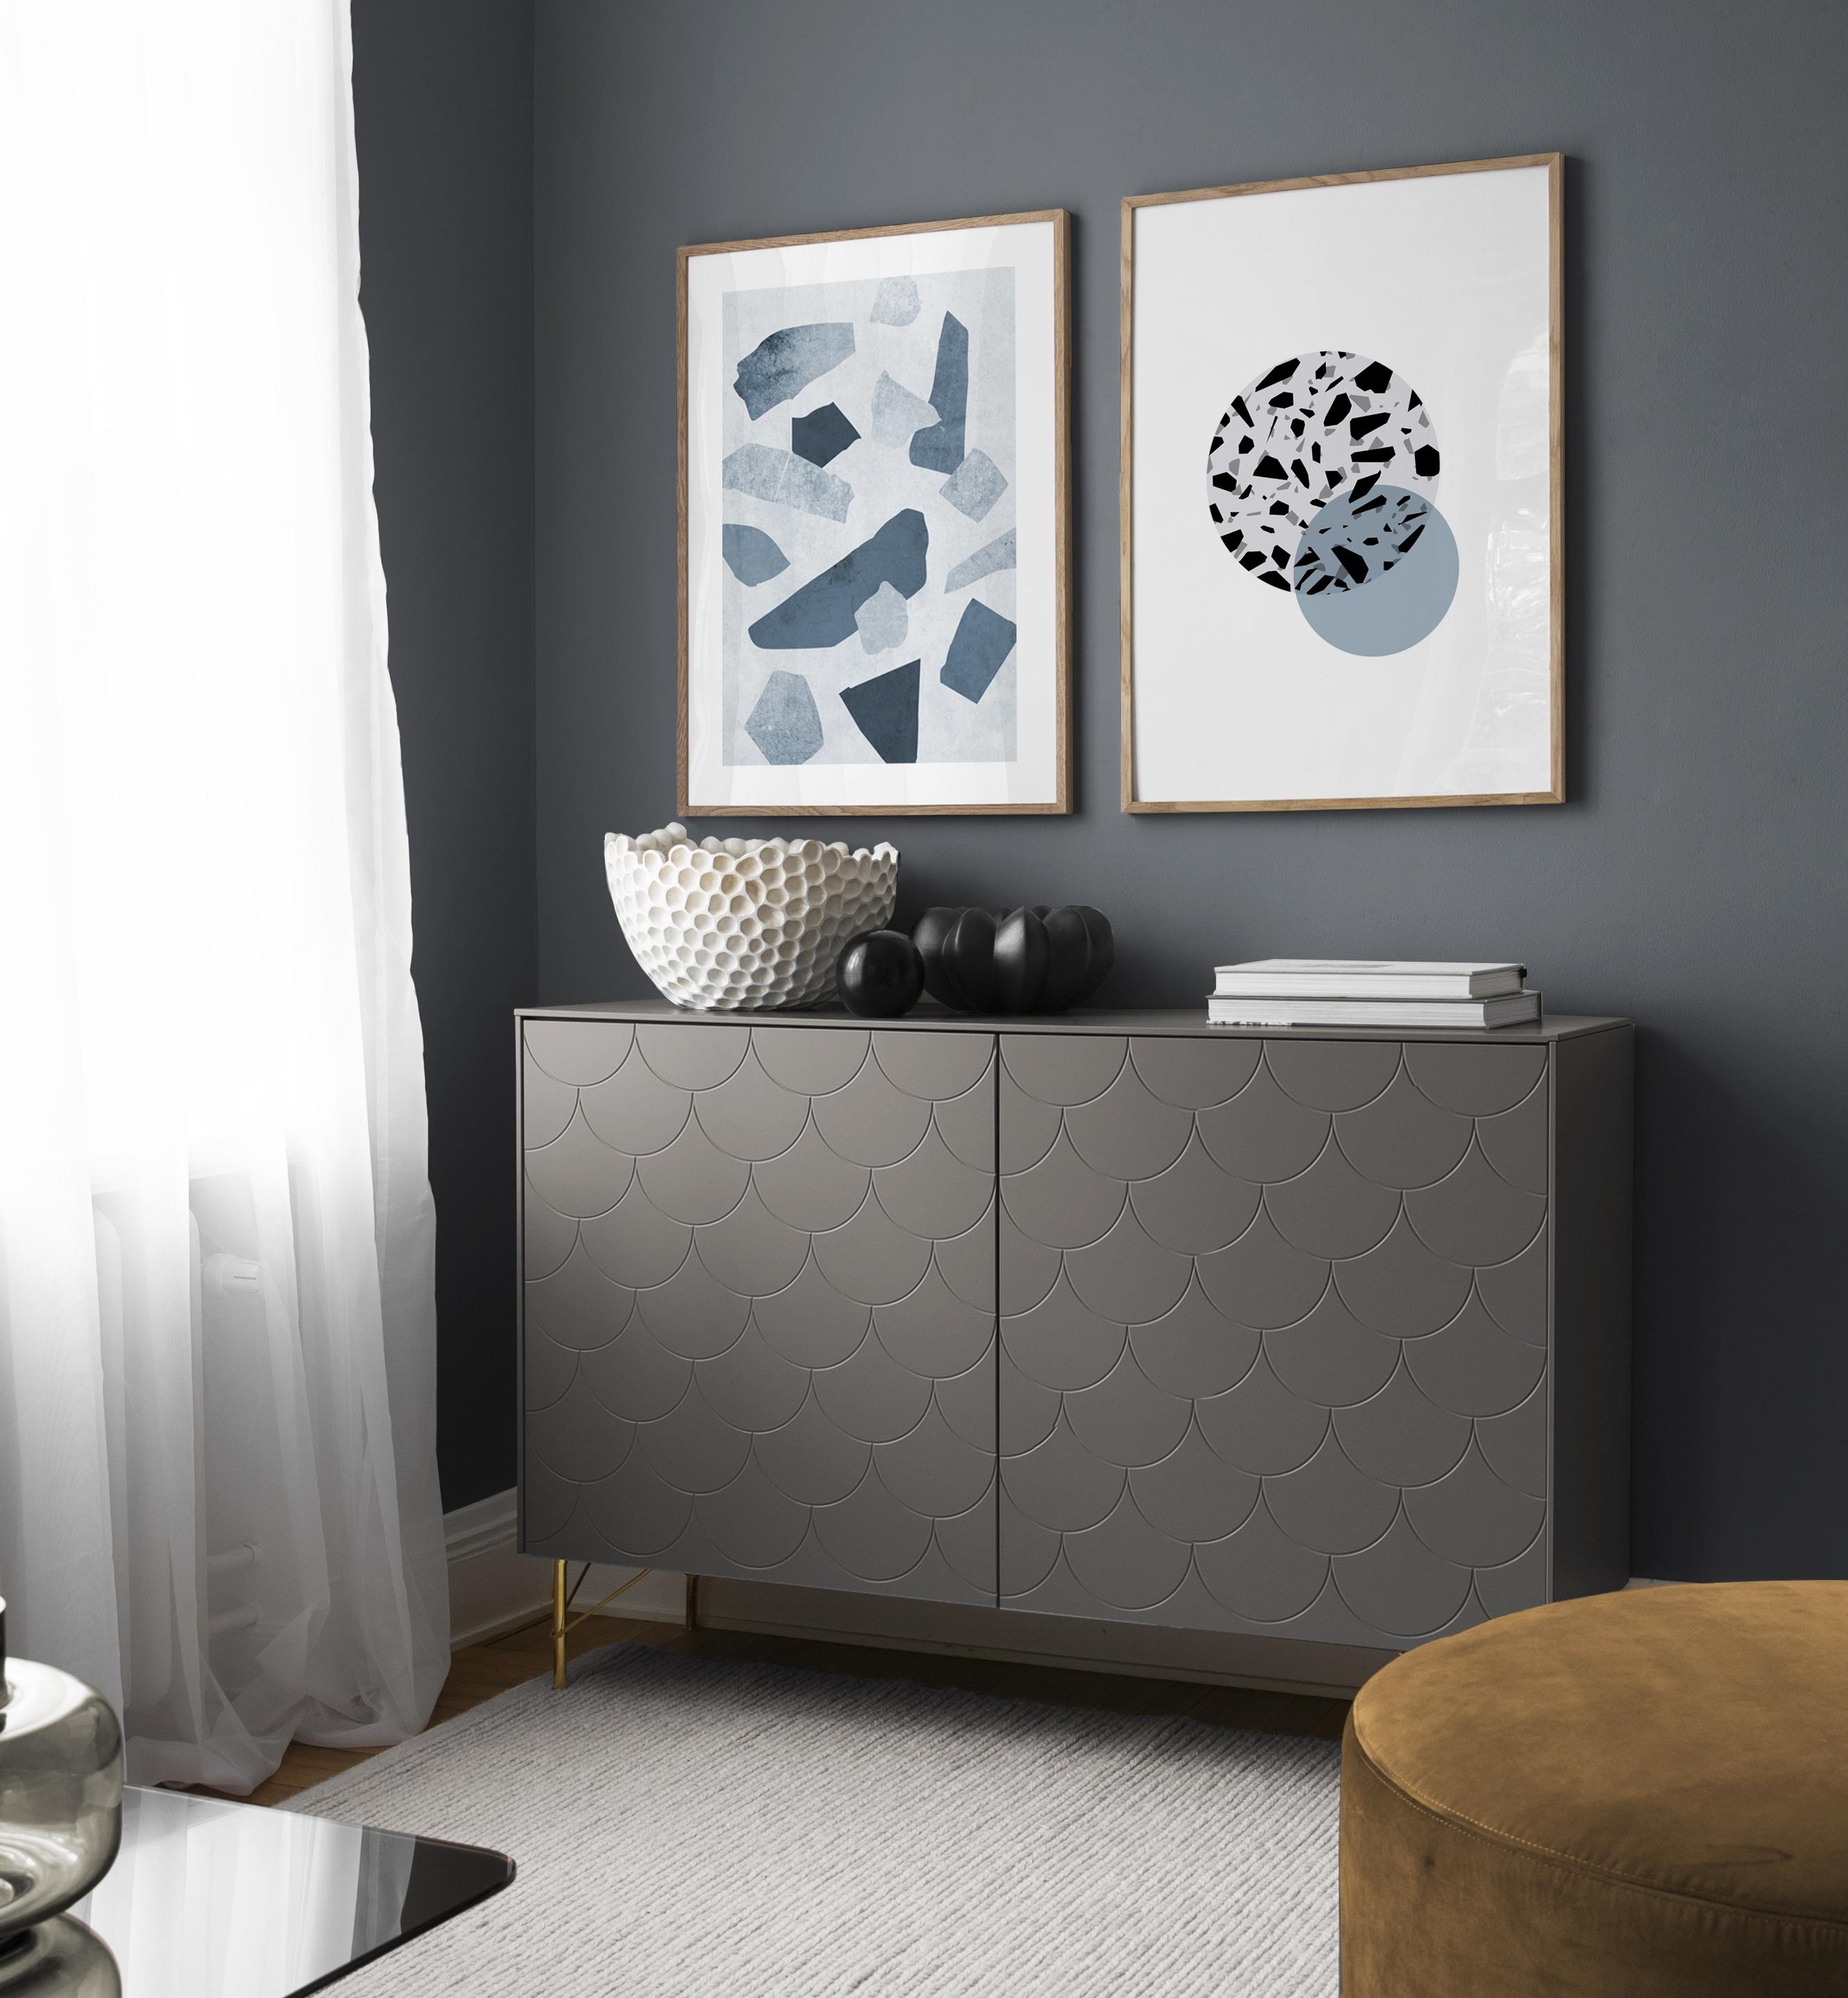 Tavlor med grafiska mönster i par, vardagsrum i blåa toner